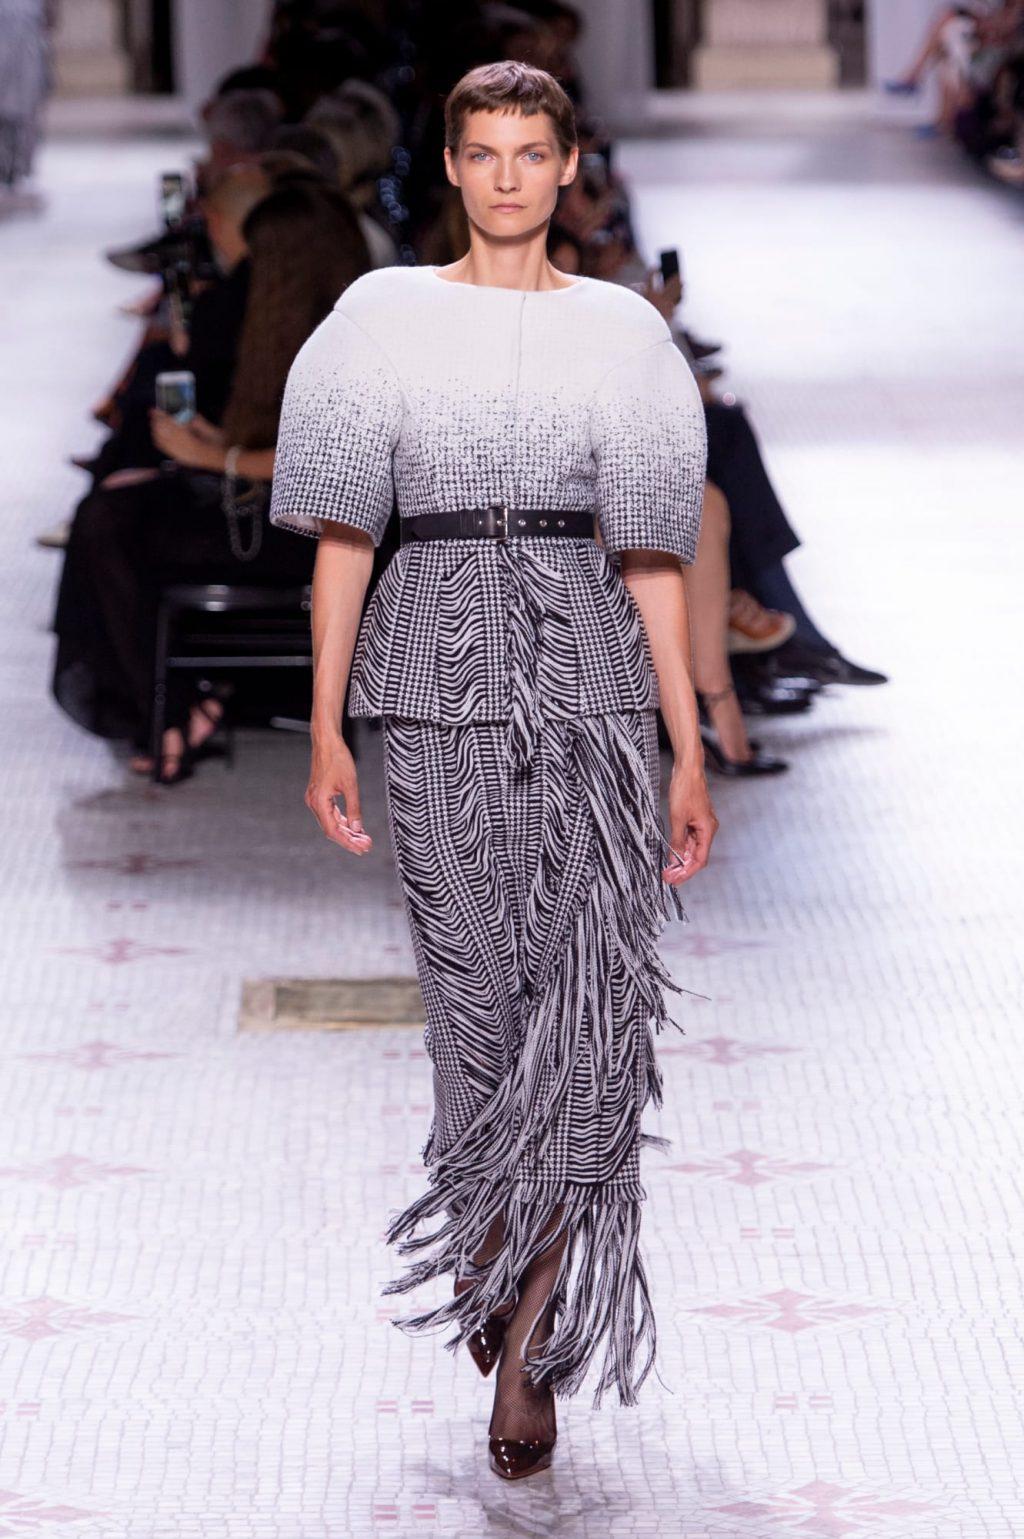 bộ sưu tập haute couture thu đông 2019 của givenchy 3